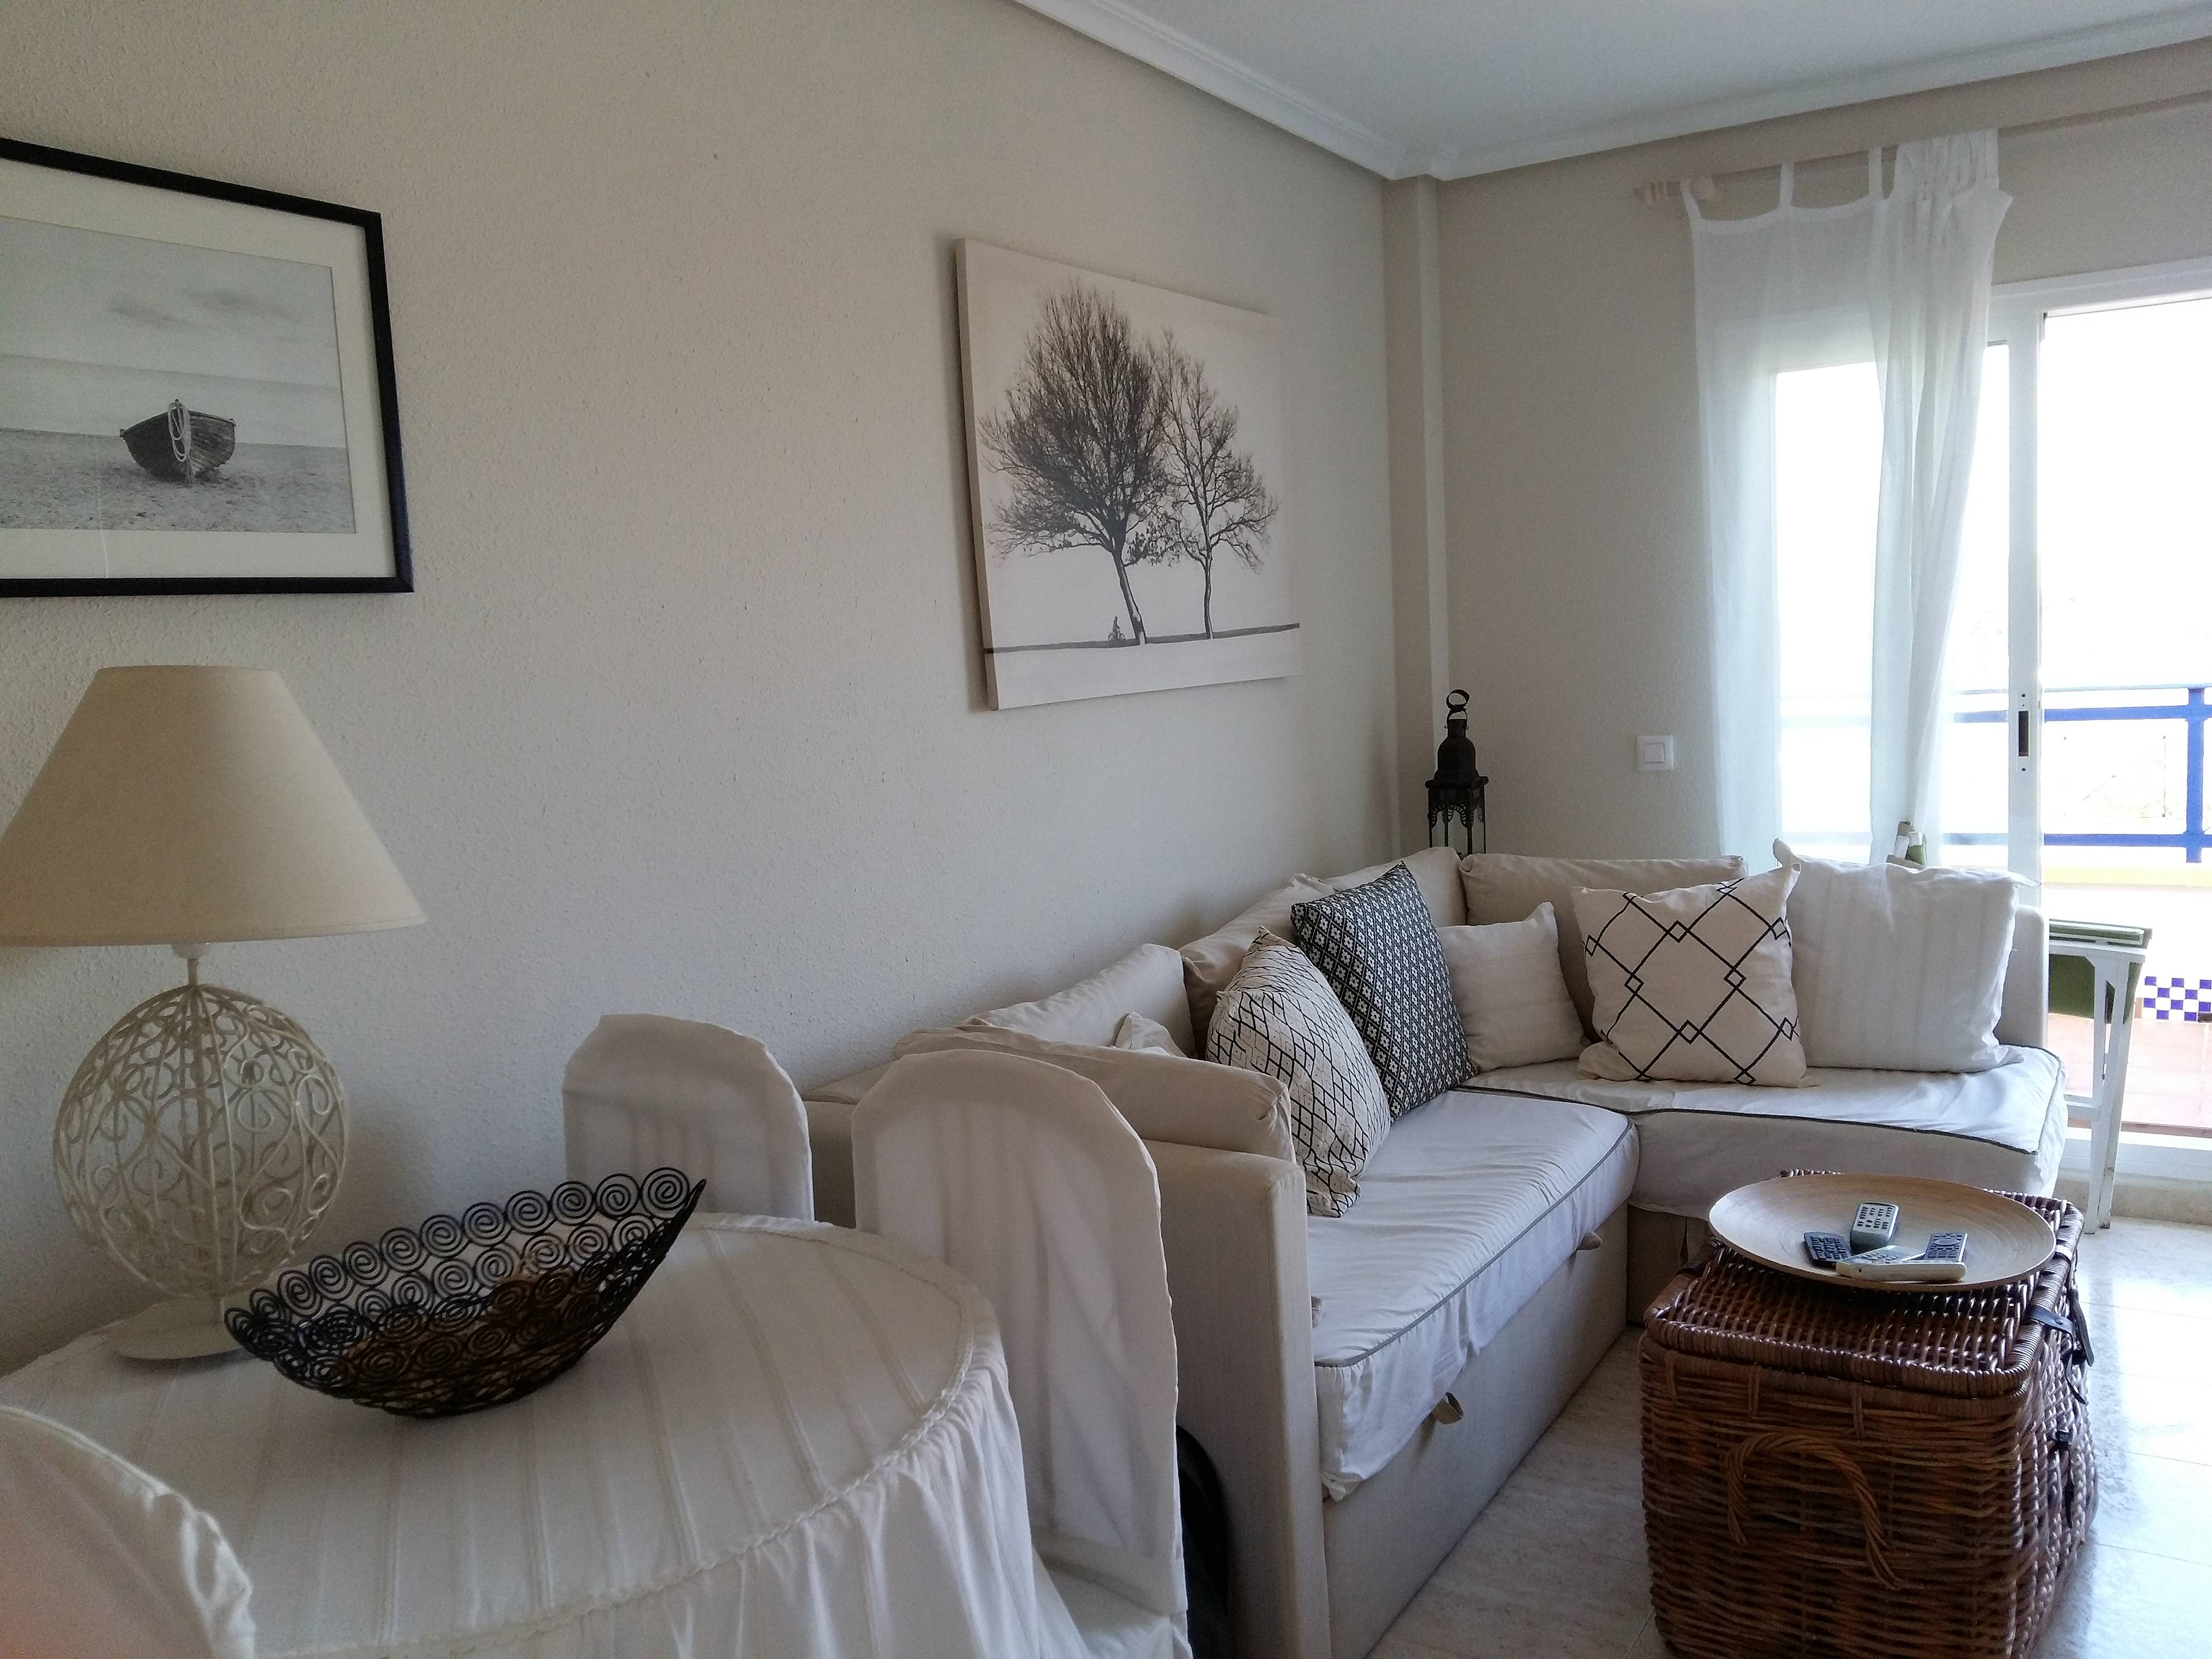 Apartamento En Alquiler A 50 M De La Playa Vera Playa Vera  # Muebles Directo Cee